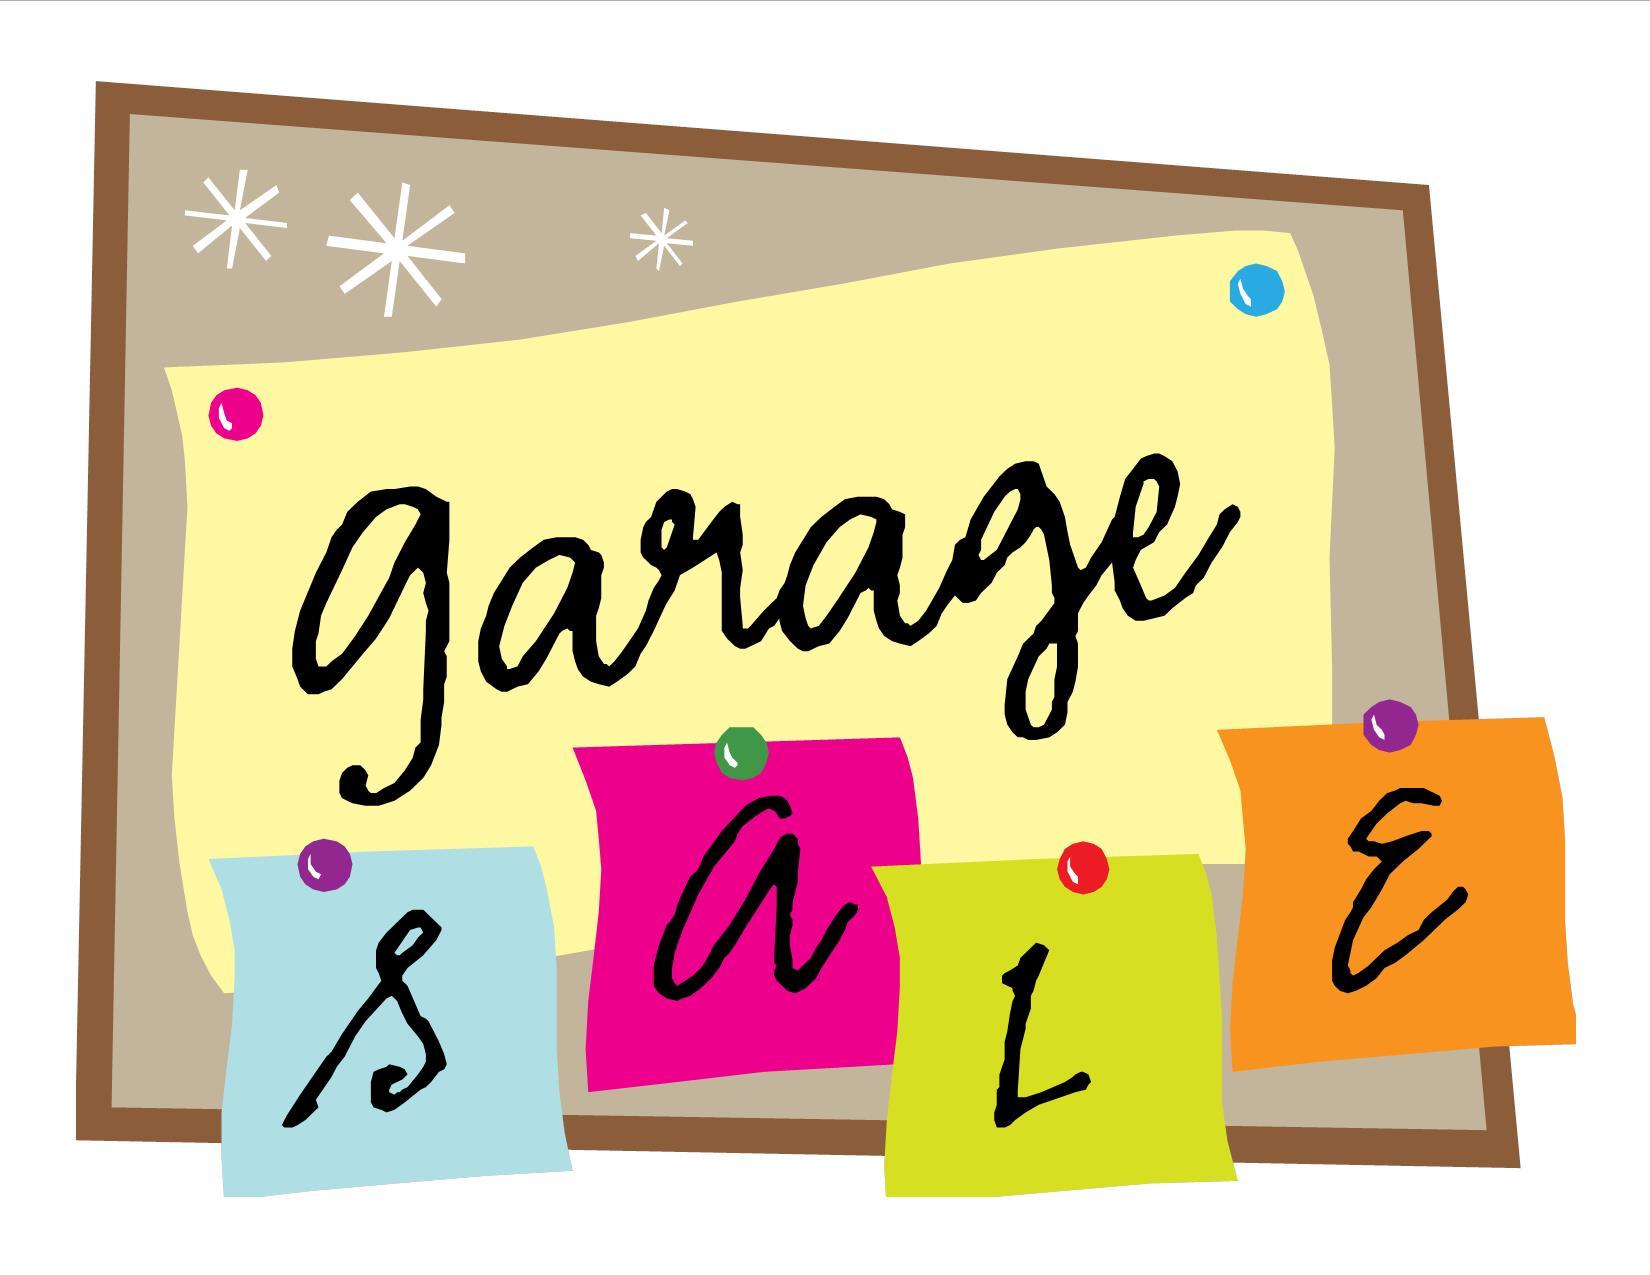 Garage sale clip art clipart.